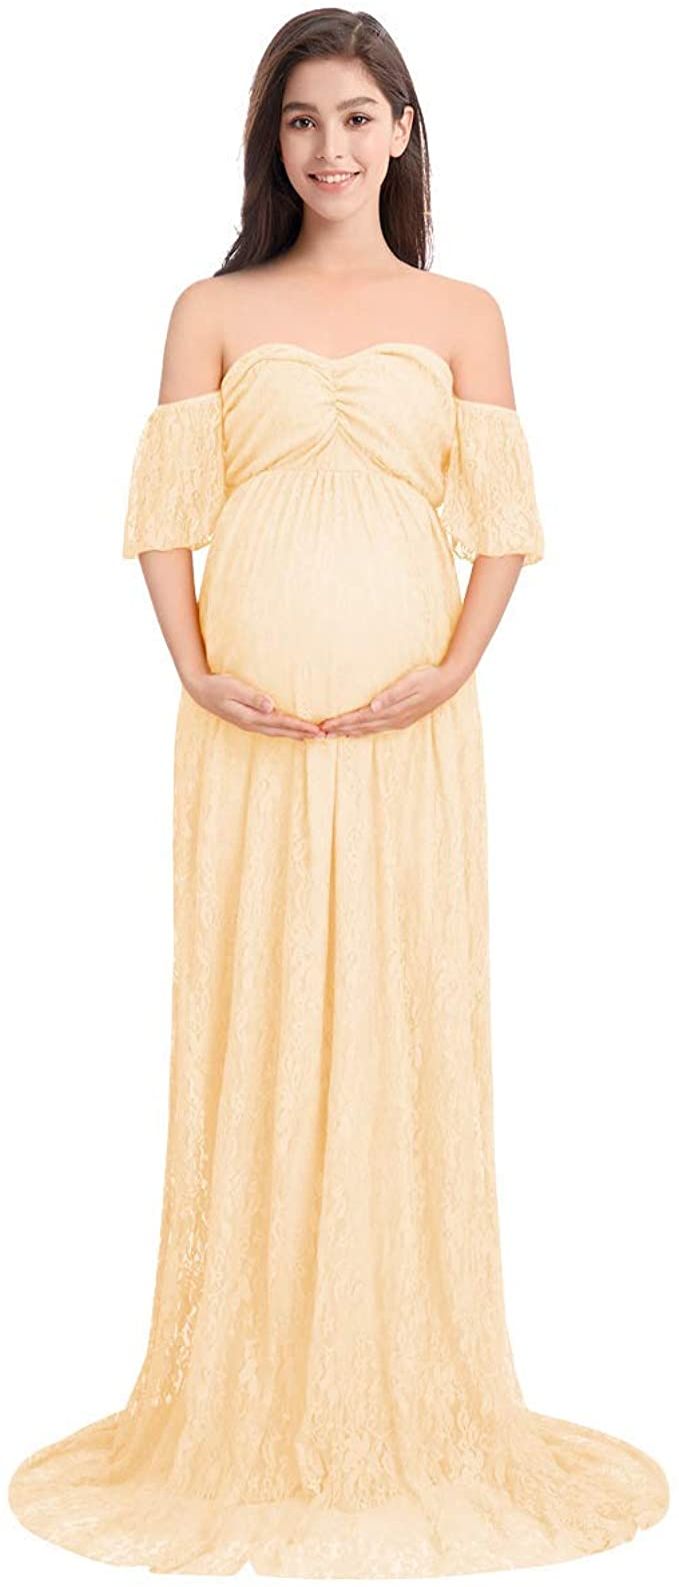 IWEMEK Frauen Schwangerschaftskleid, Damen Mutterschaft Spitzenkleid  Schulterfreies Kleid Schwangere Elegante Fotografie Stützen Off Schultern